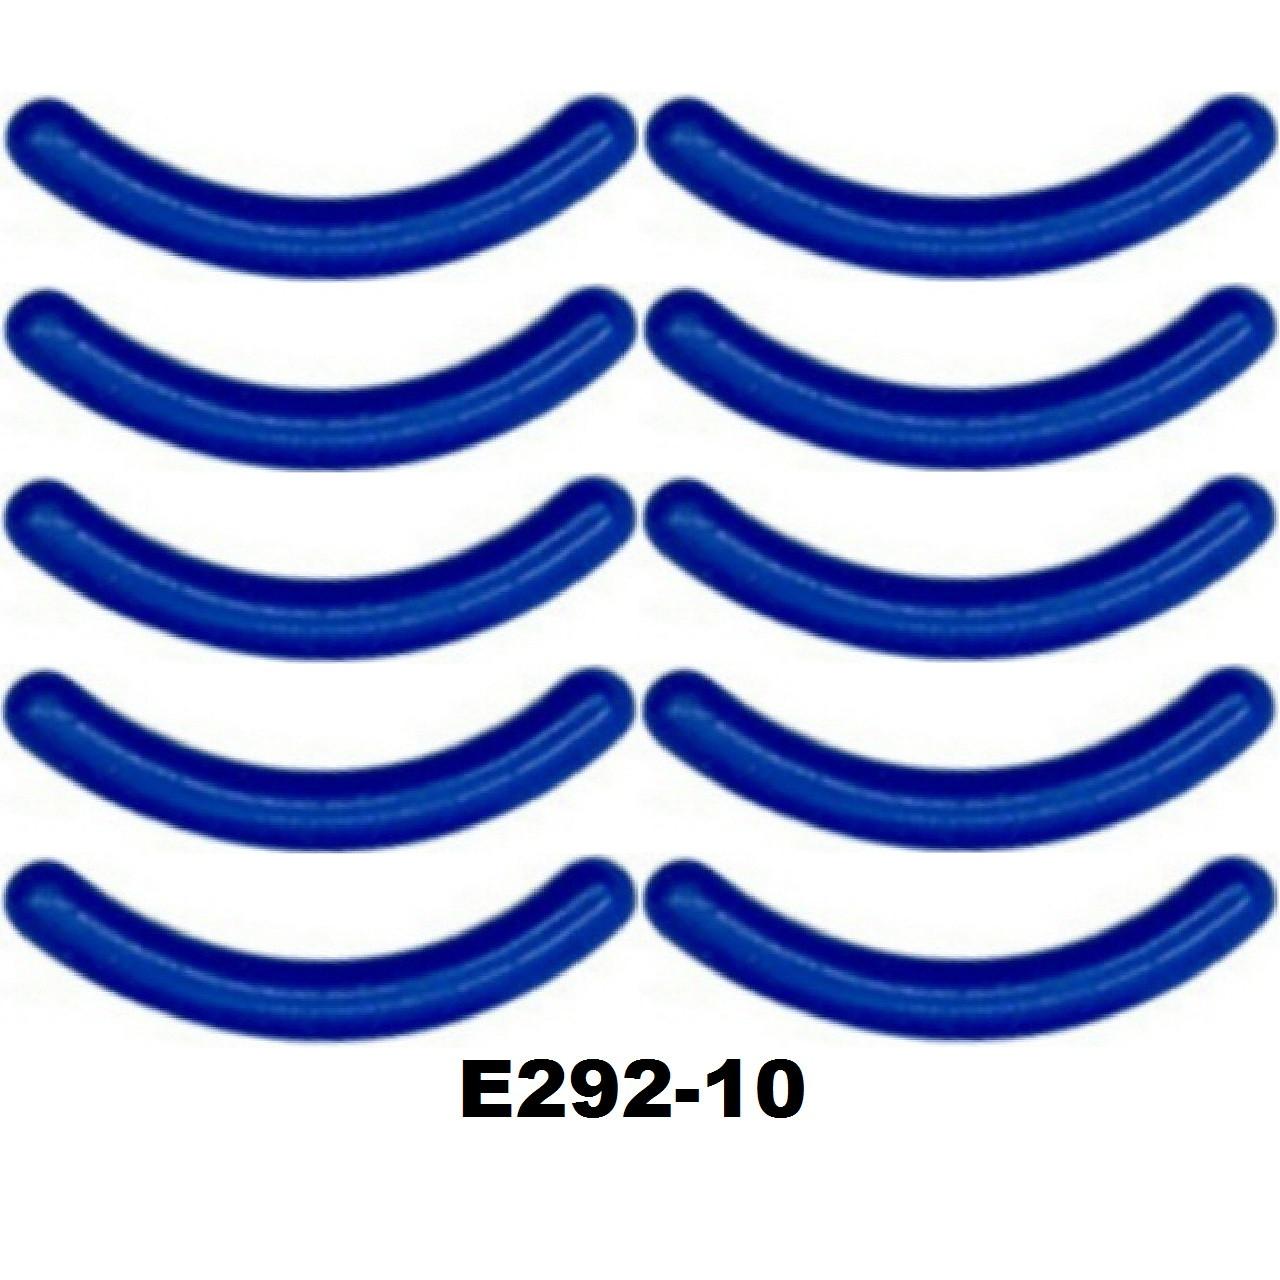 Сменные резинки в щипцы для завивки ресниц (15 видов) Силикон 10 шт, Синий